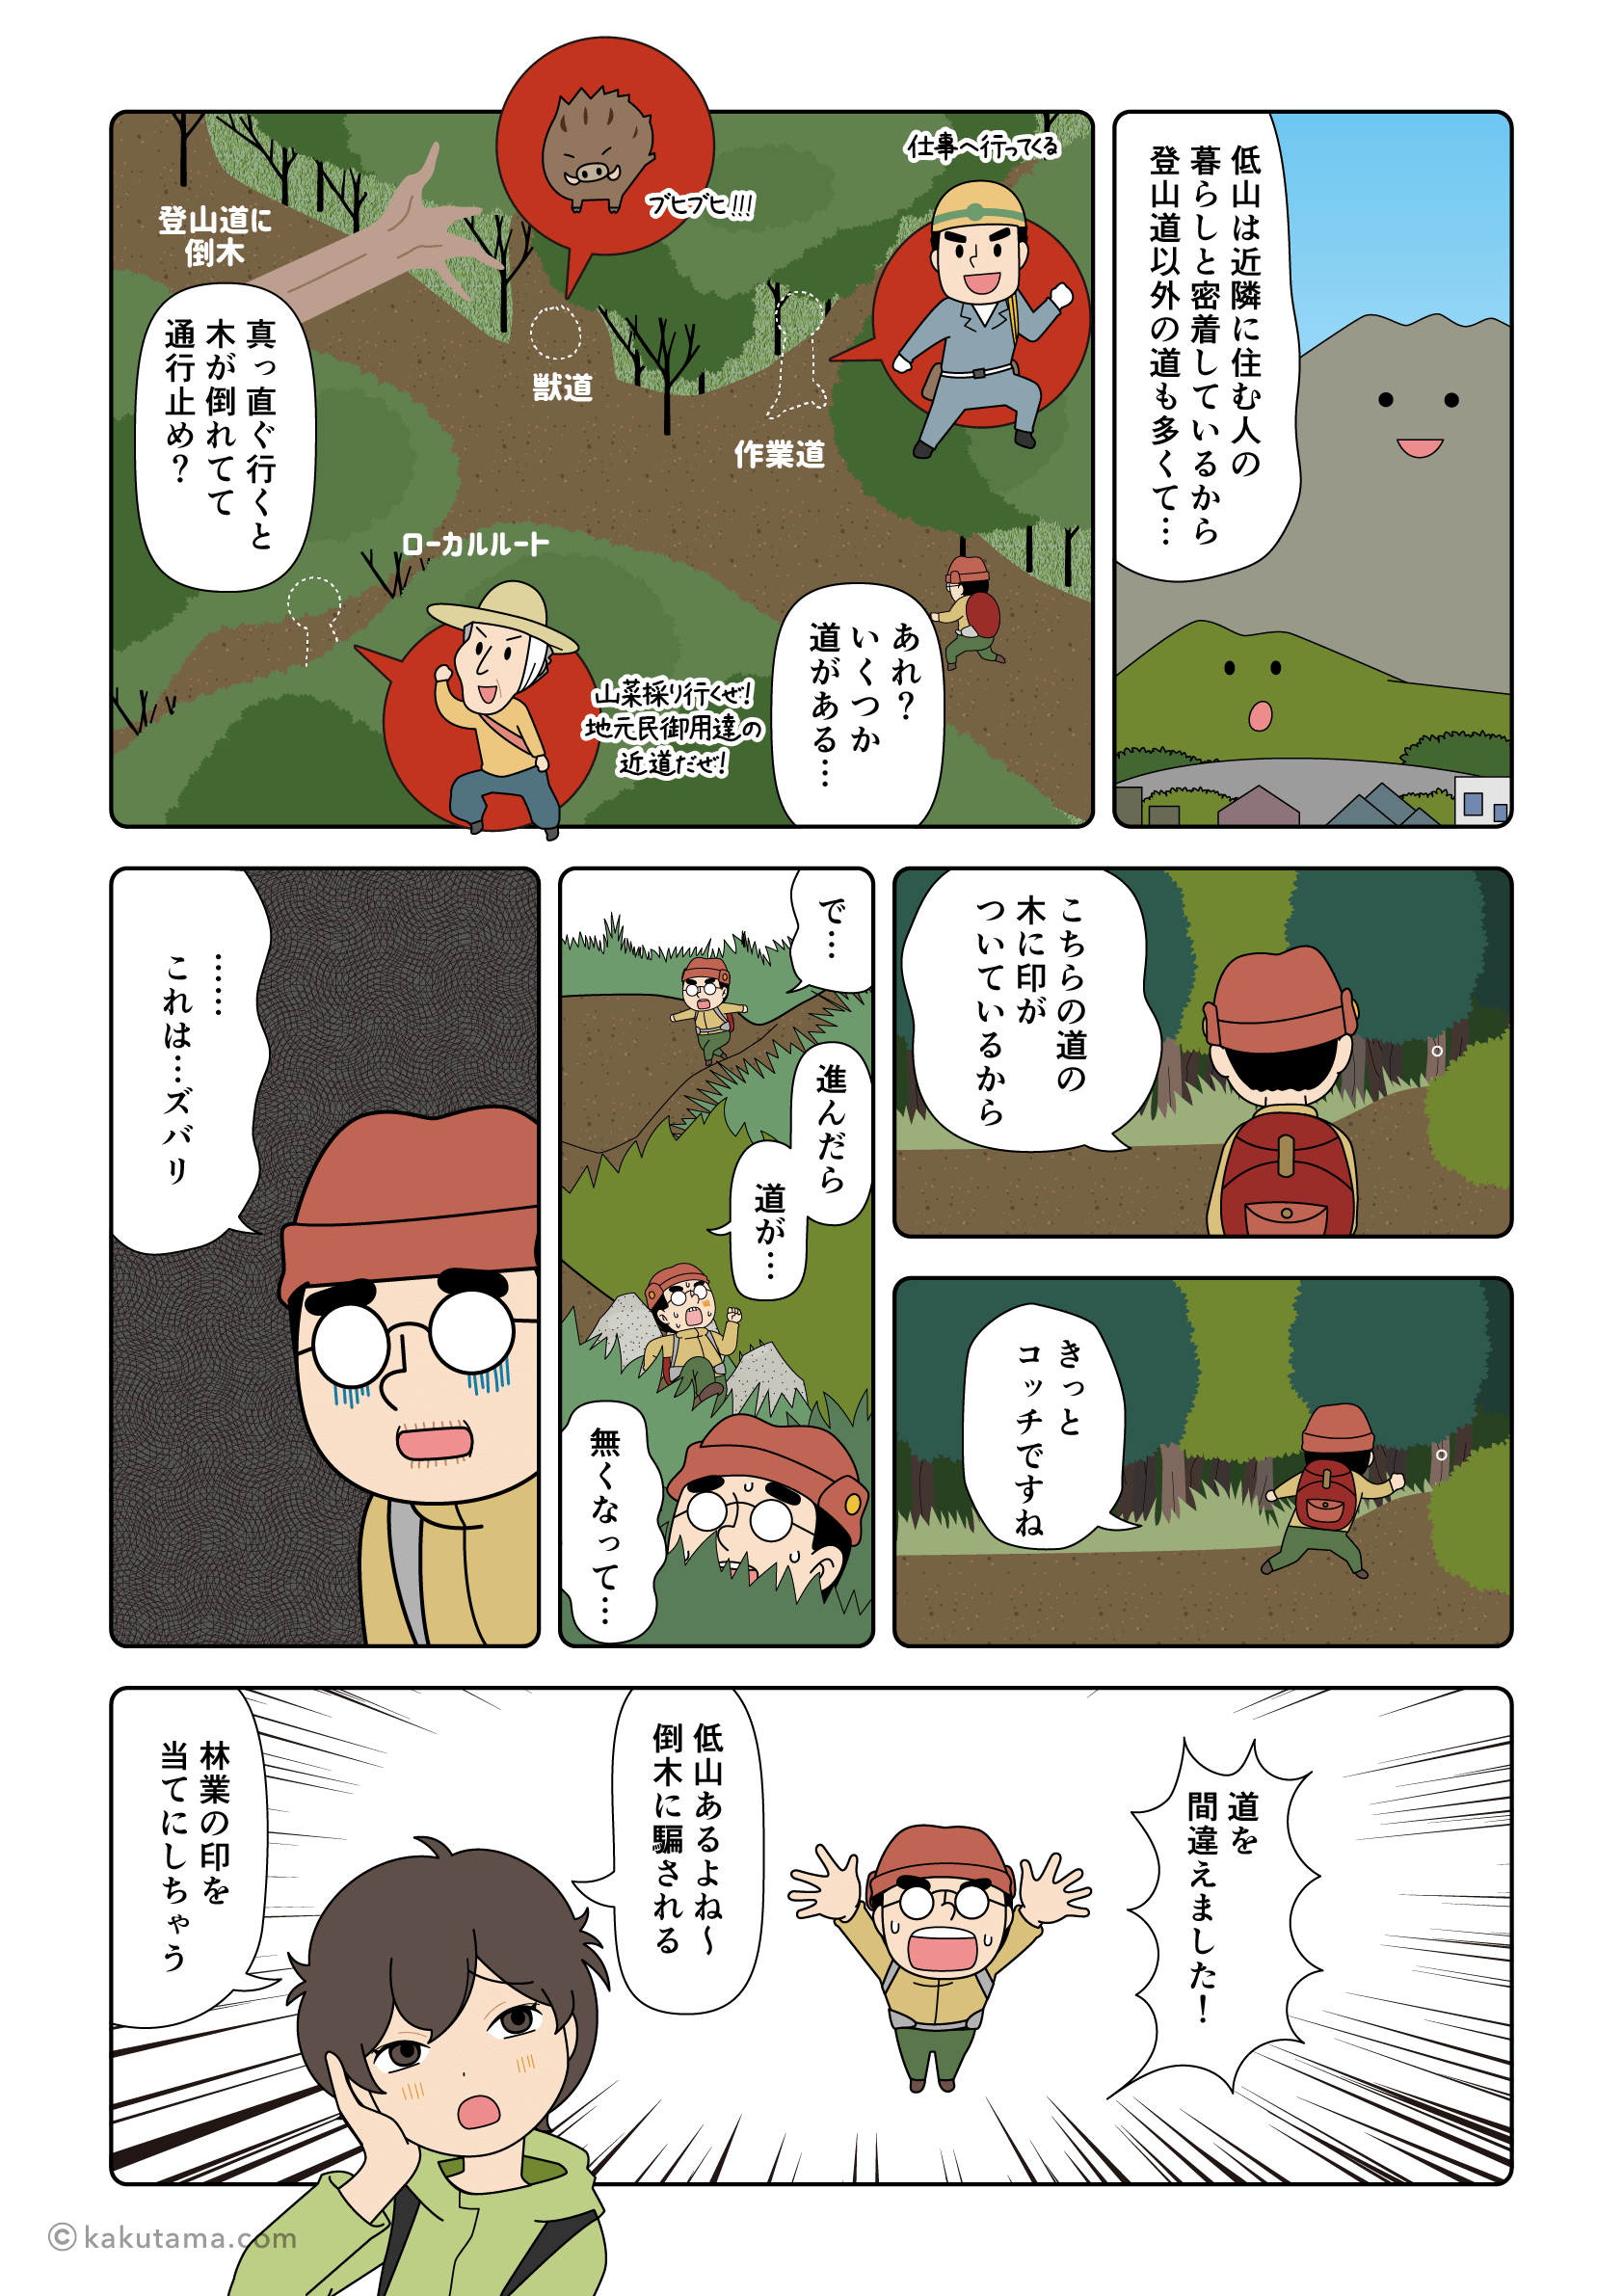 低山特有の獣道で道迷いをする登山者の漫画